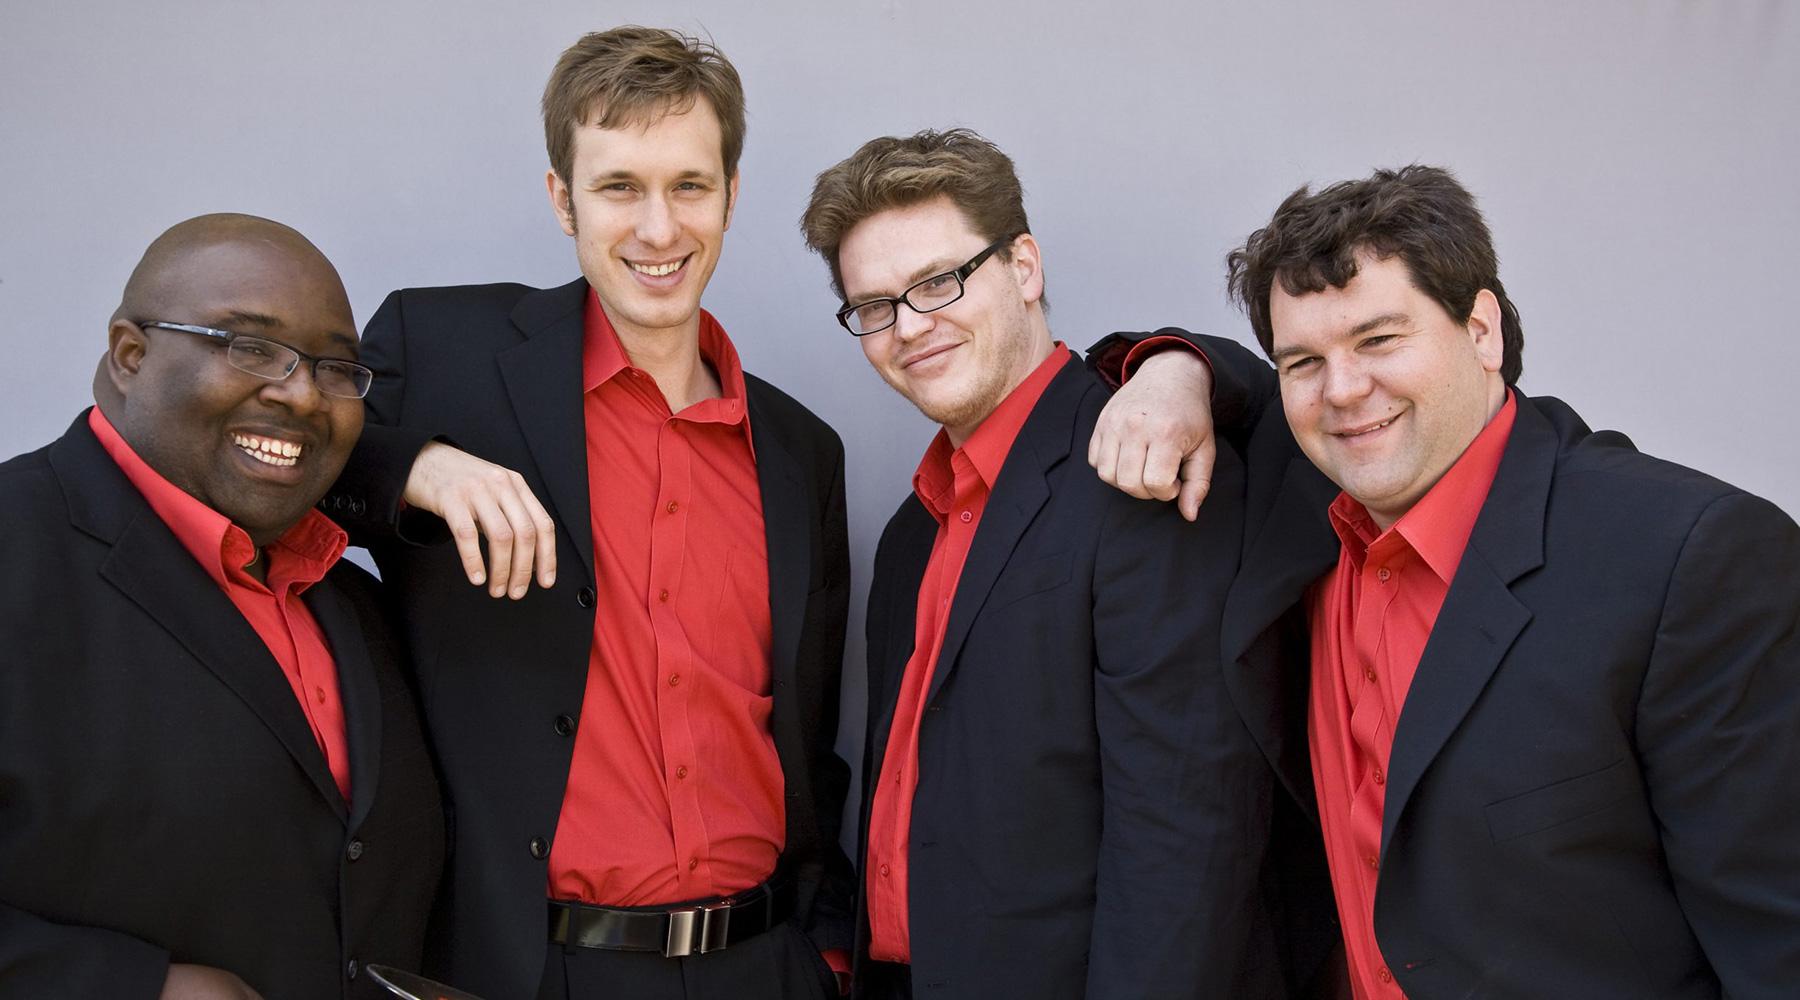 Sotto Voce, Tuba Quartet